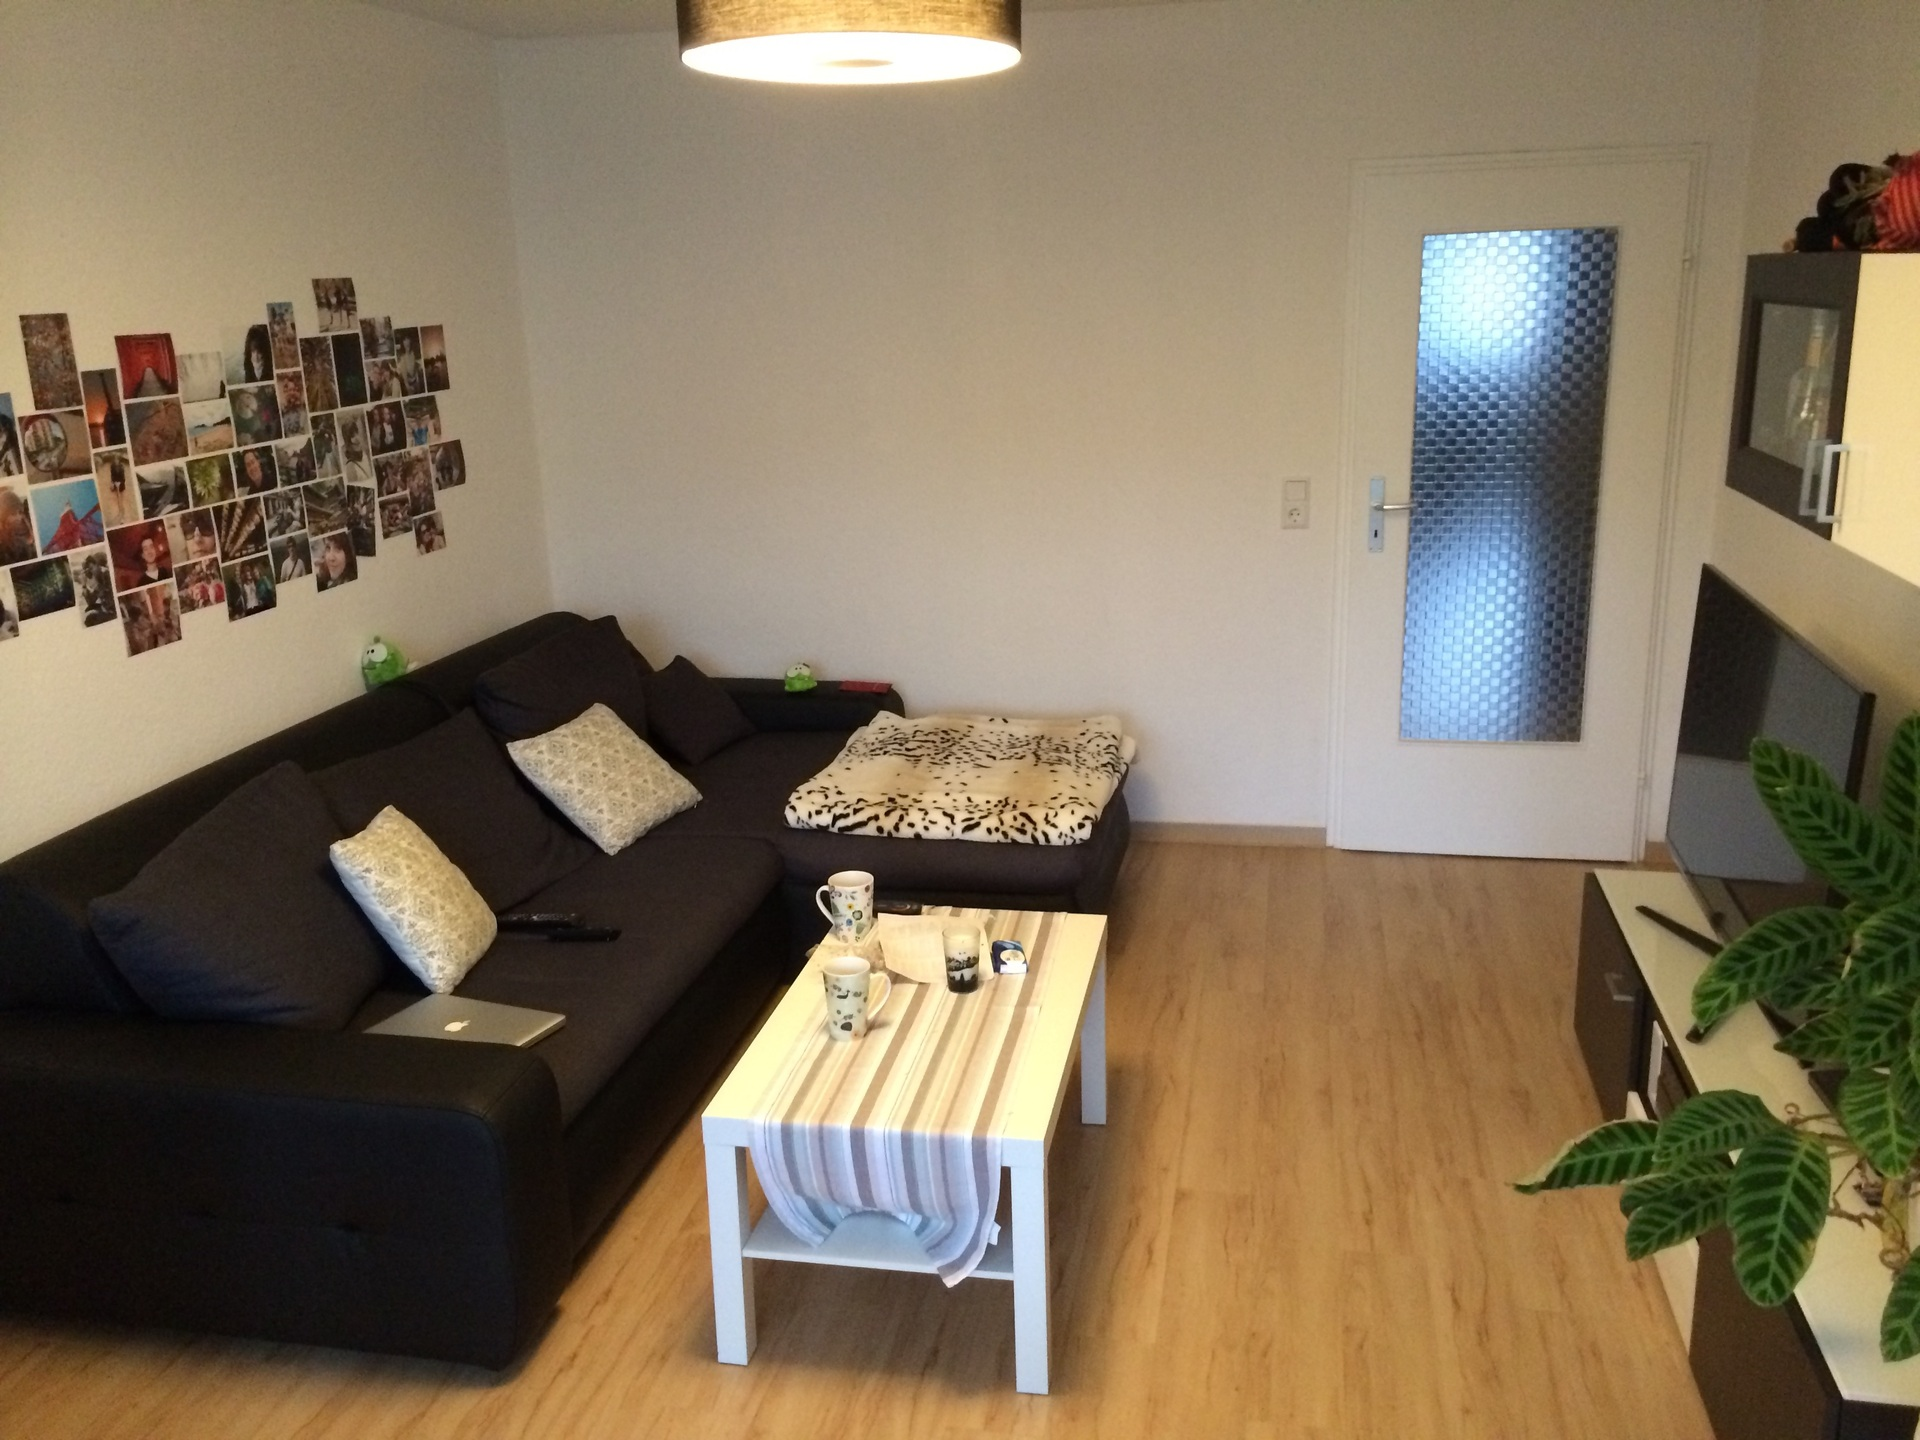 20 Qm Zimmer Einrichten: 20 Qm Zimmer Einrichten. 15 Quadratmeter Zimmer Home Ideen